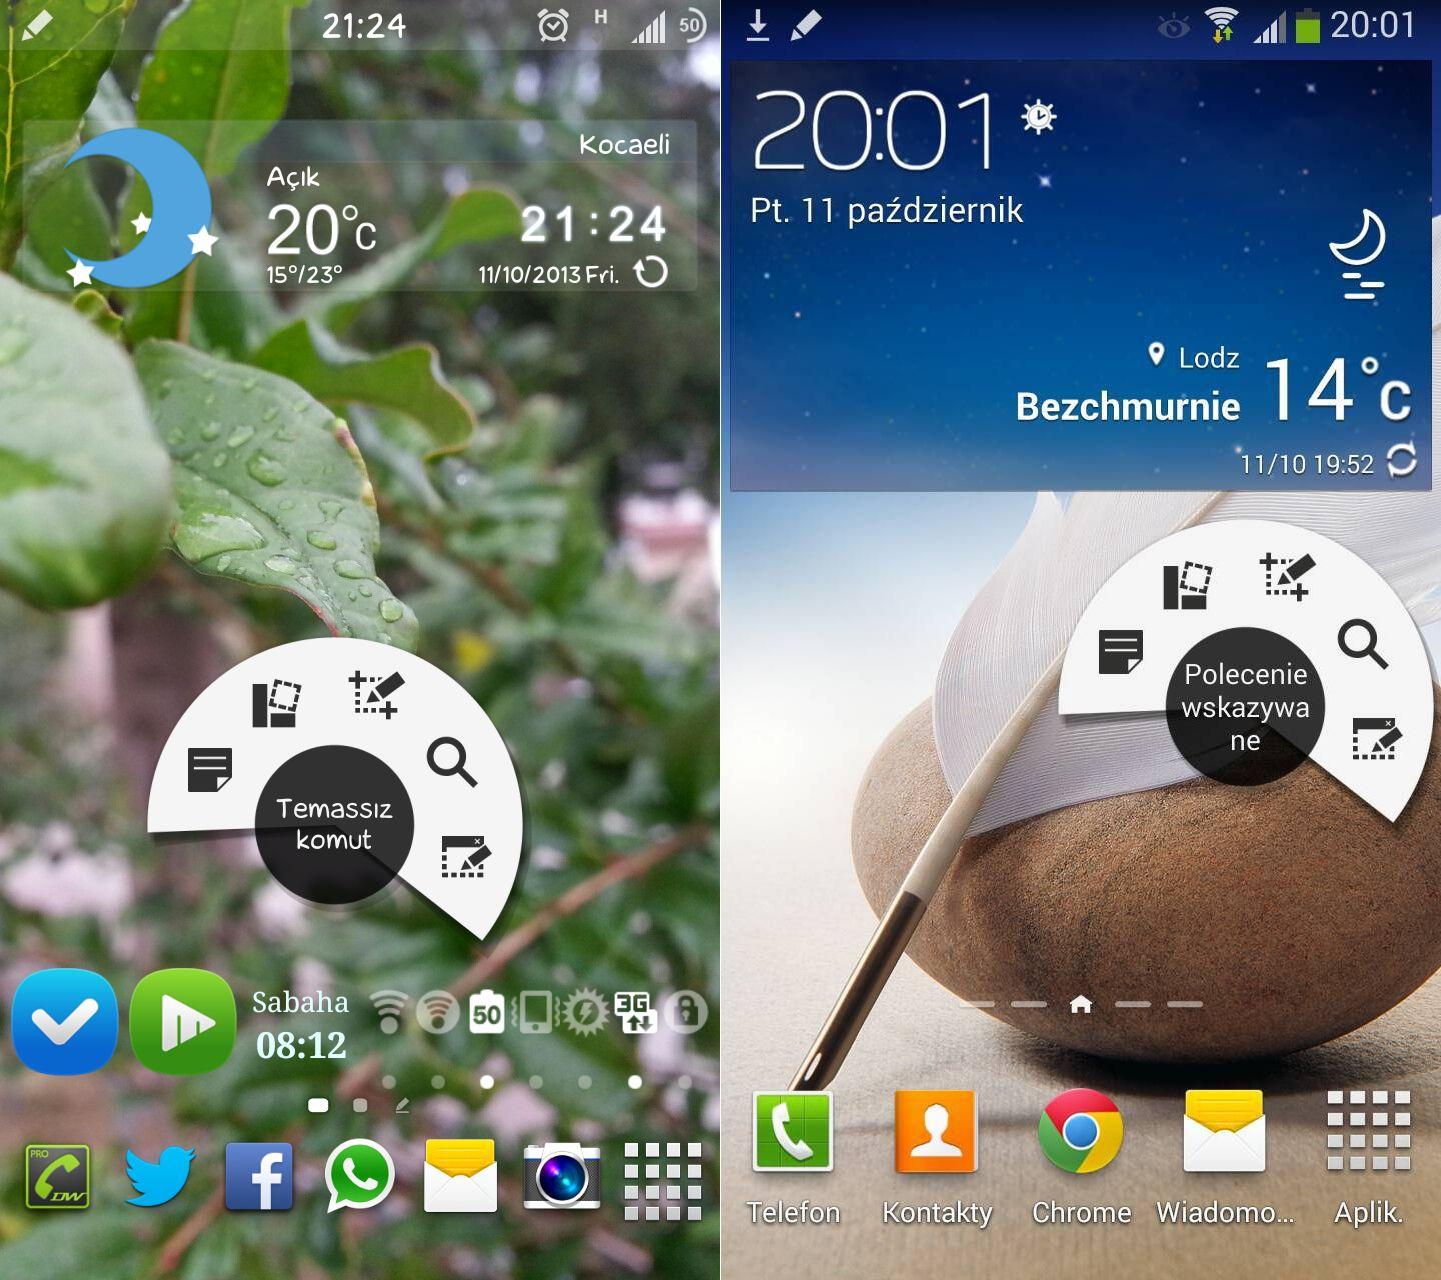 Air Command et d'autres fonctionnalités du Galaxy Note 3 disponibles sur le Galaxy Note 2